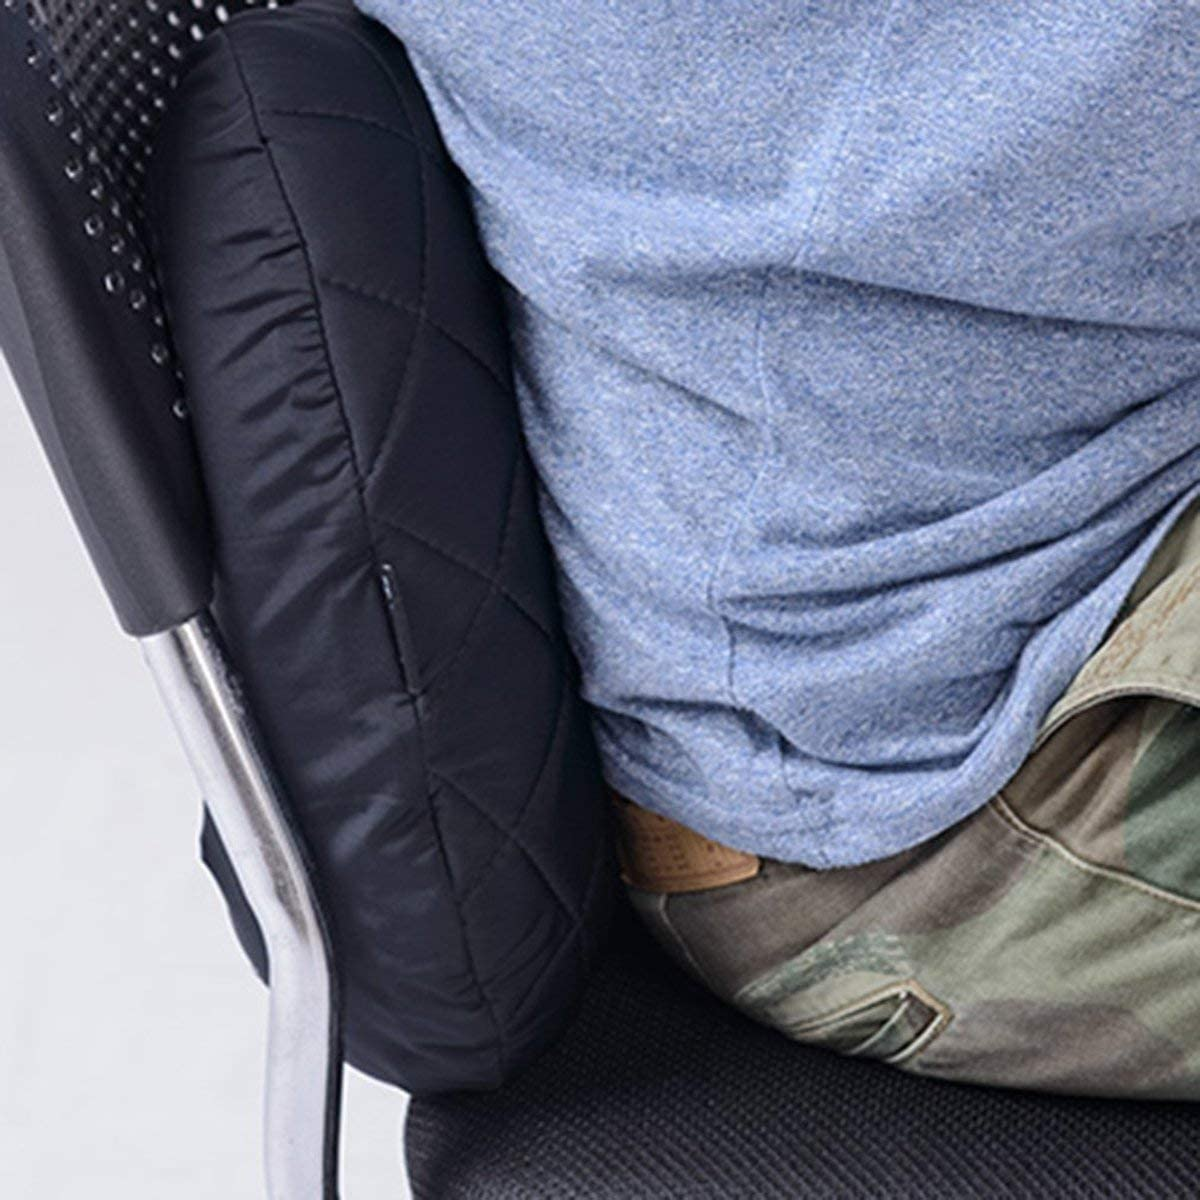 Fgdjfh Oreiller de Voyage de Camping Gonflable Portable /épaissir taie doreiller Confortable et Chaud taie doreiller Anti-salet/é Anti-poussi/ère-Noir